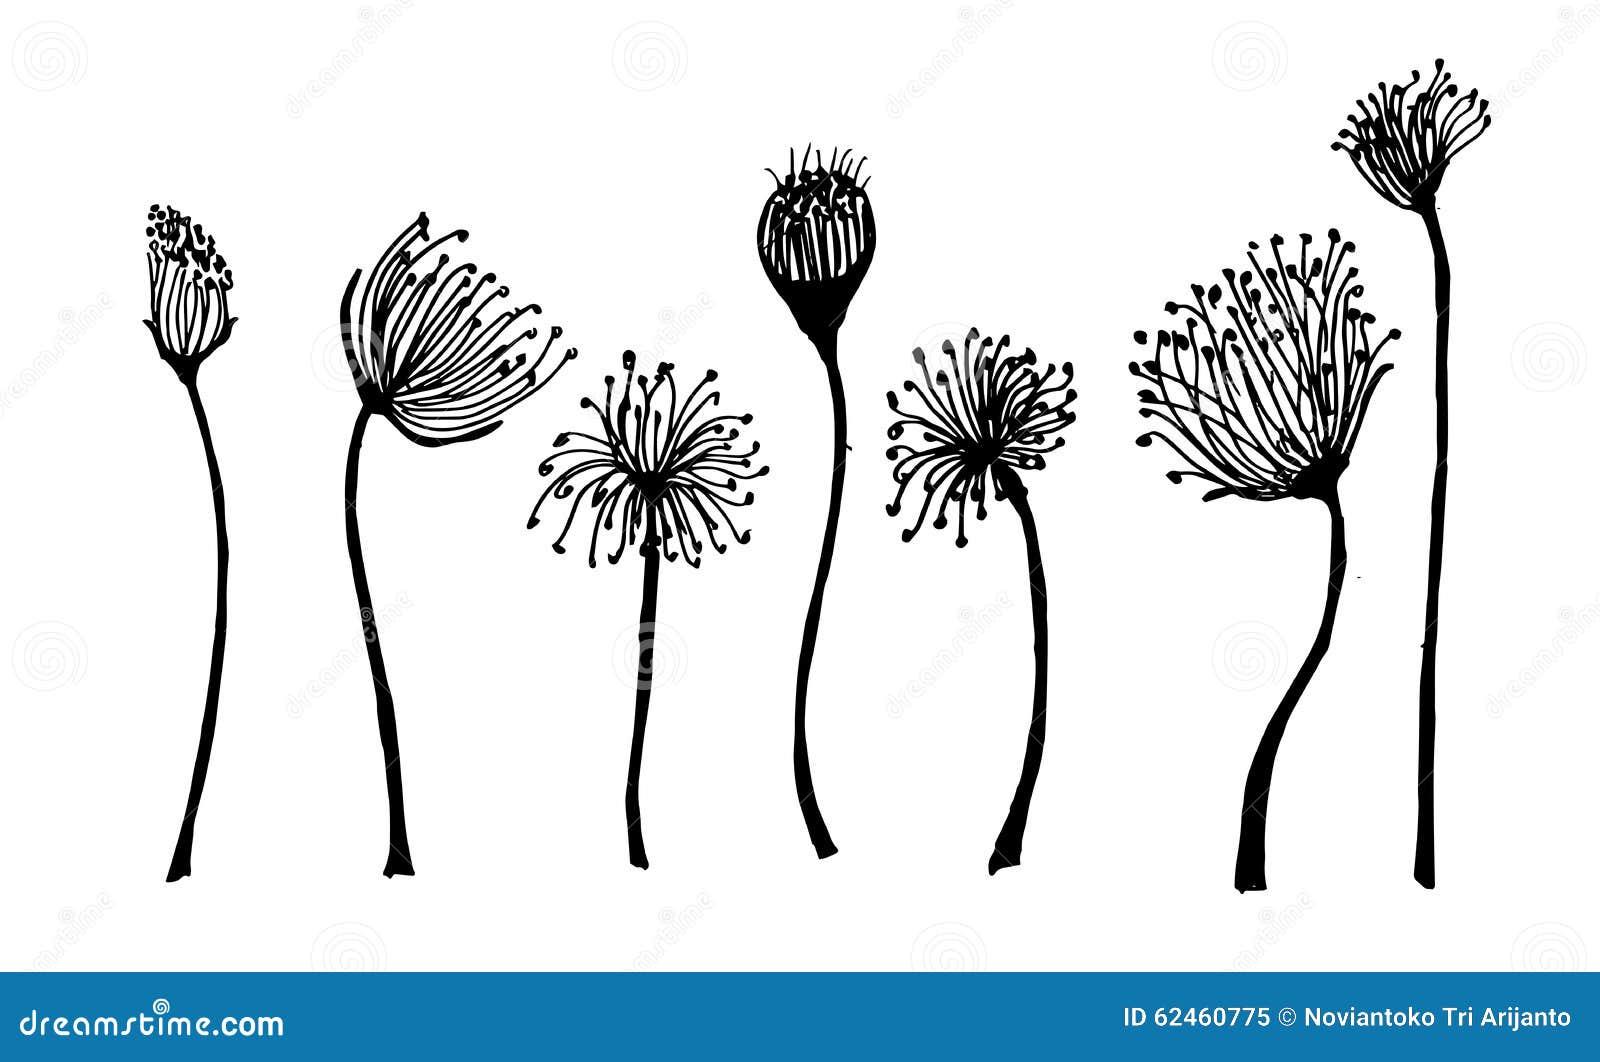 Plant Doodles Simple